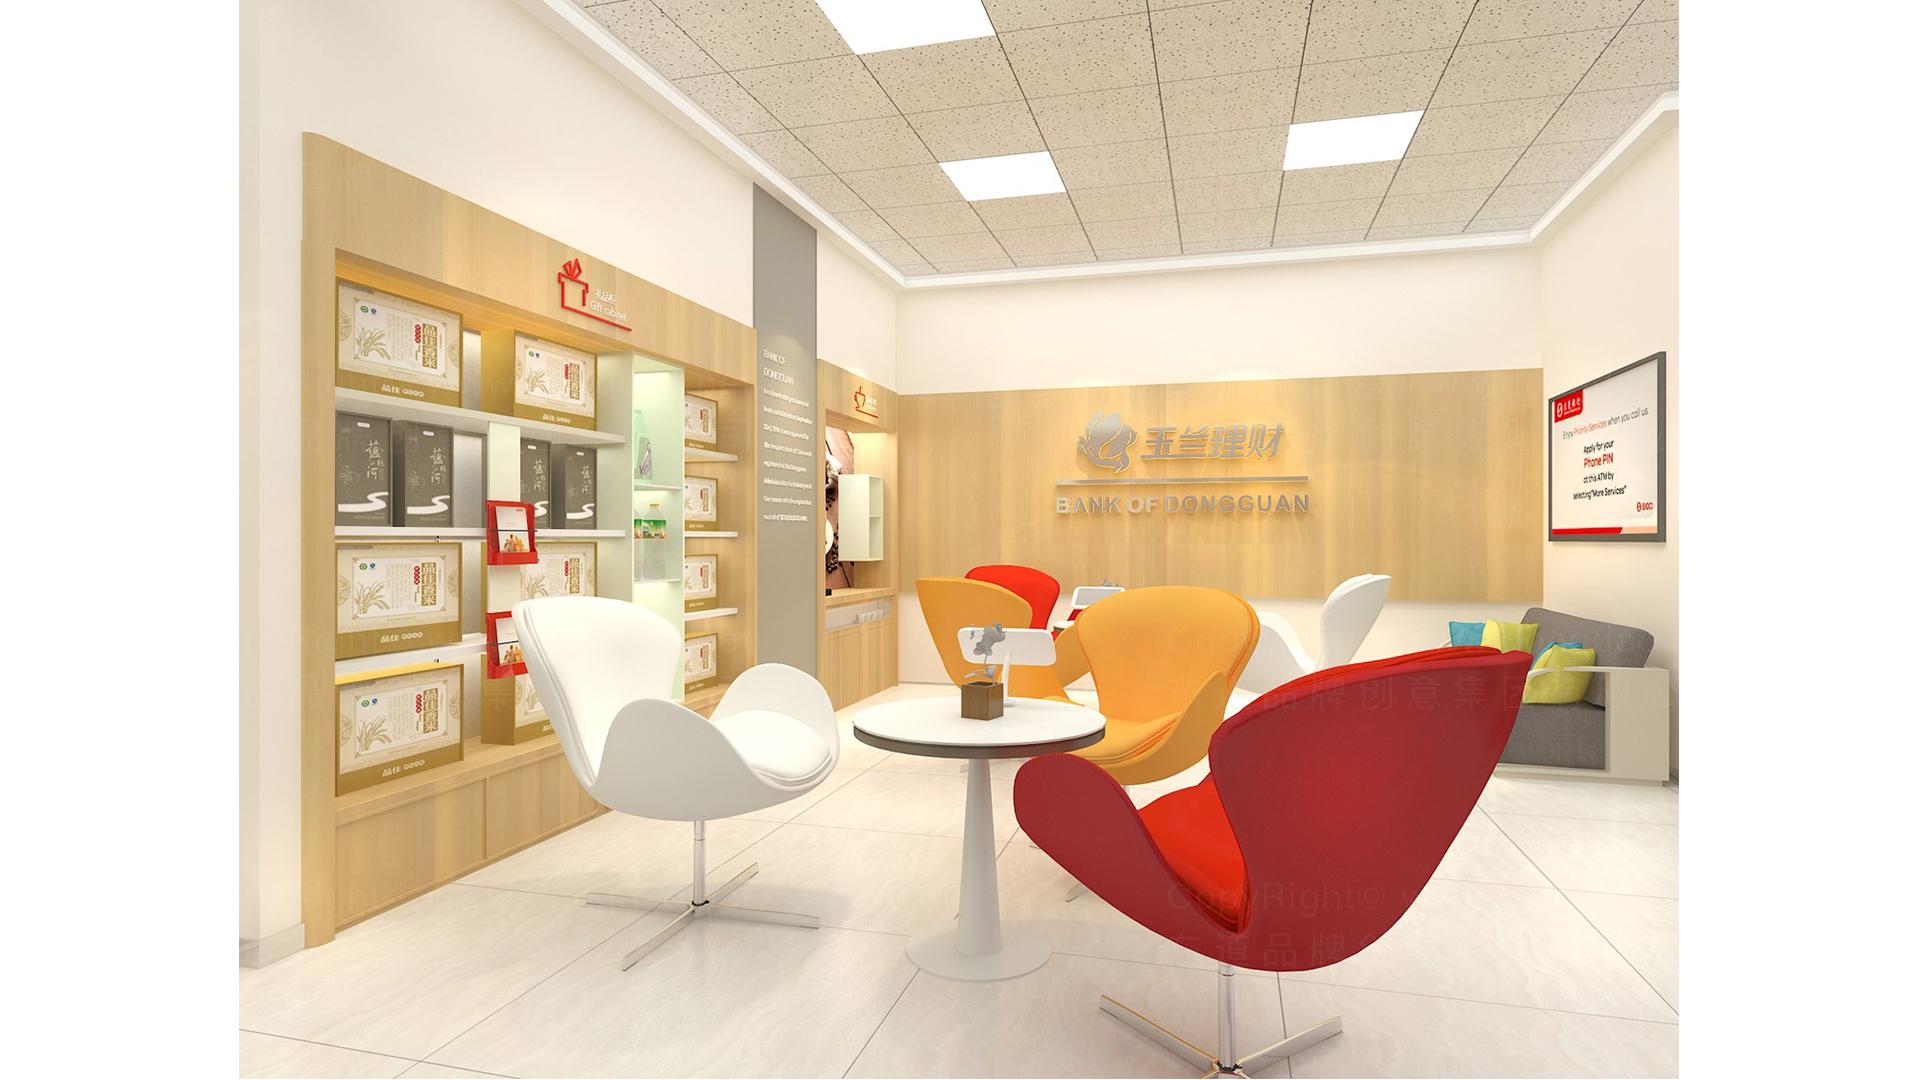 商业空间&导示东莞银行自助网点SI设计应用场景_3